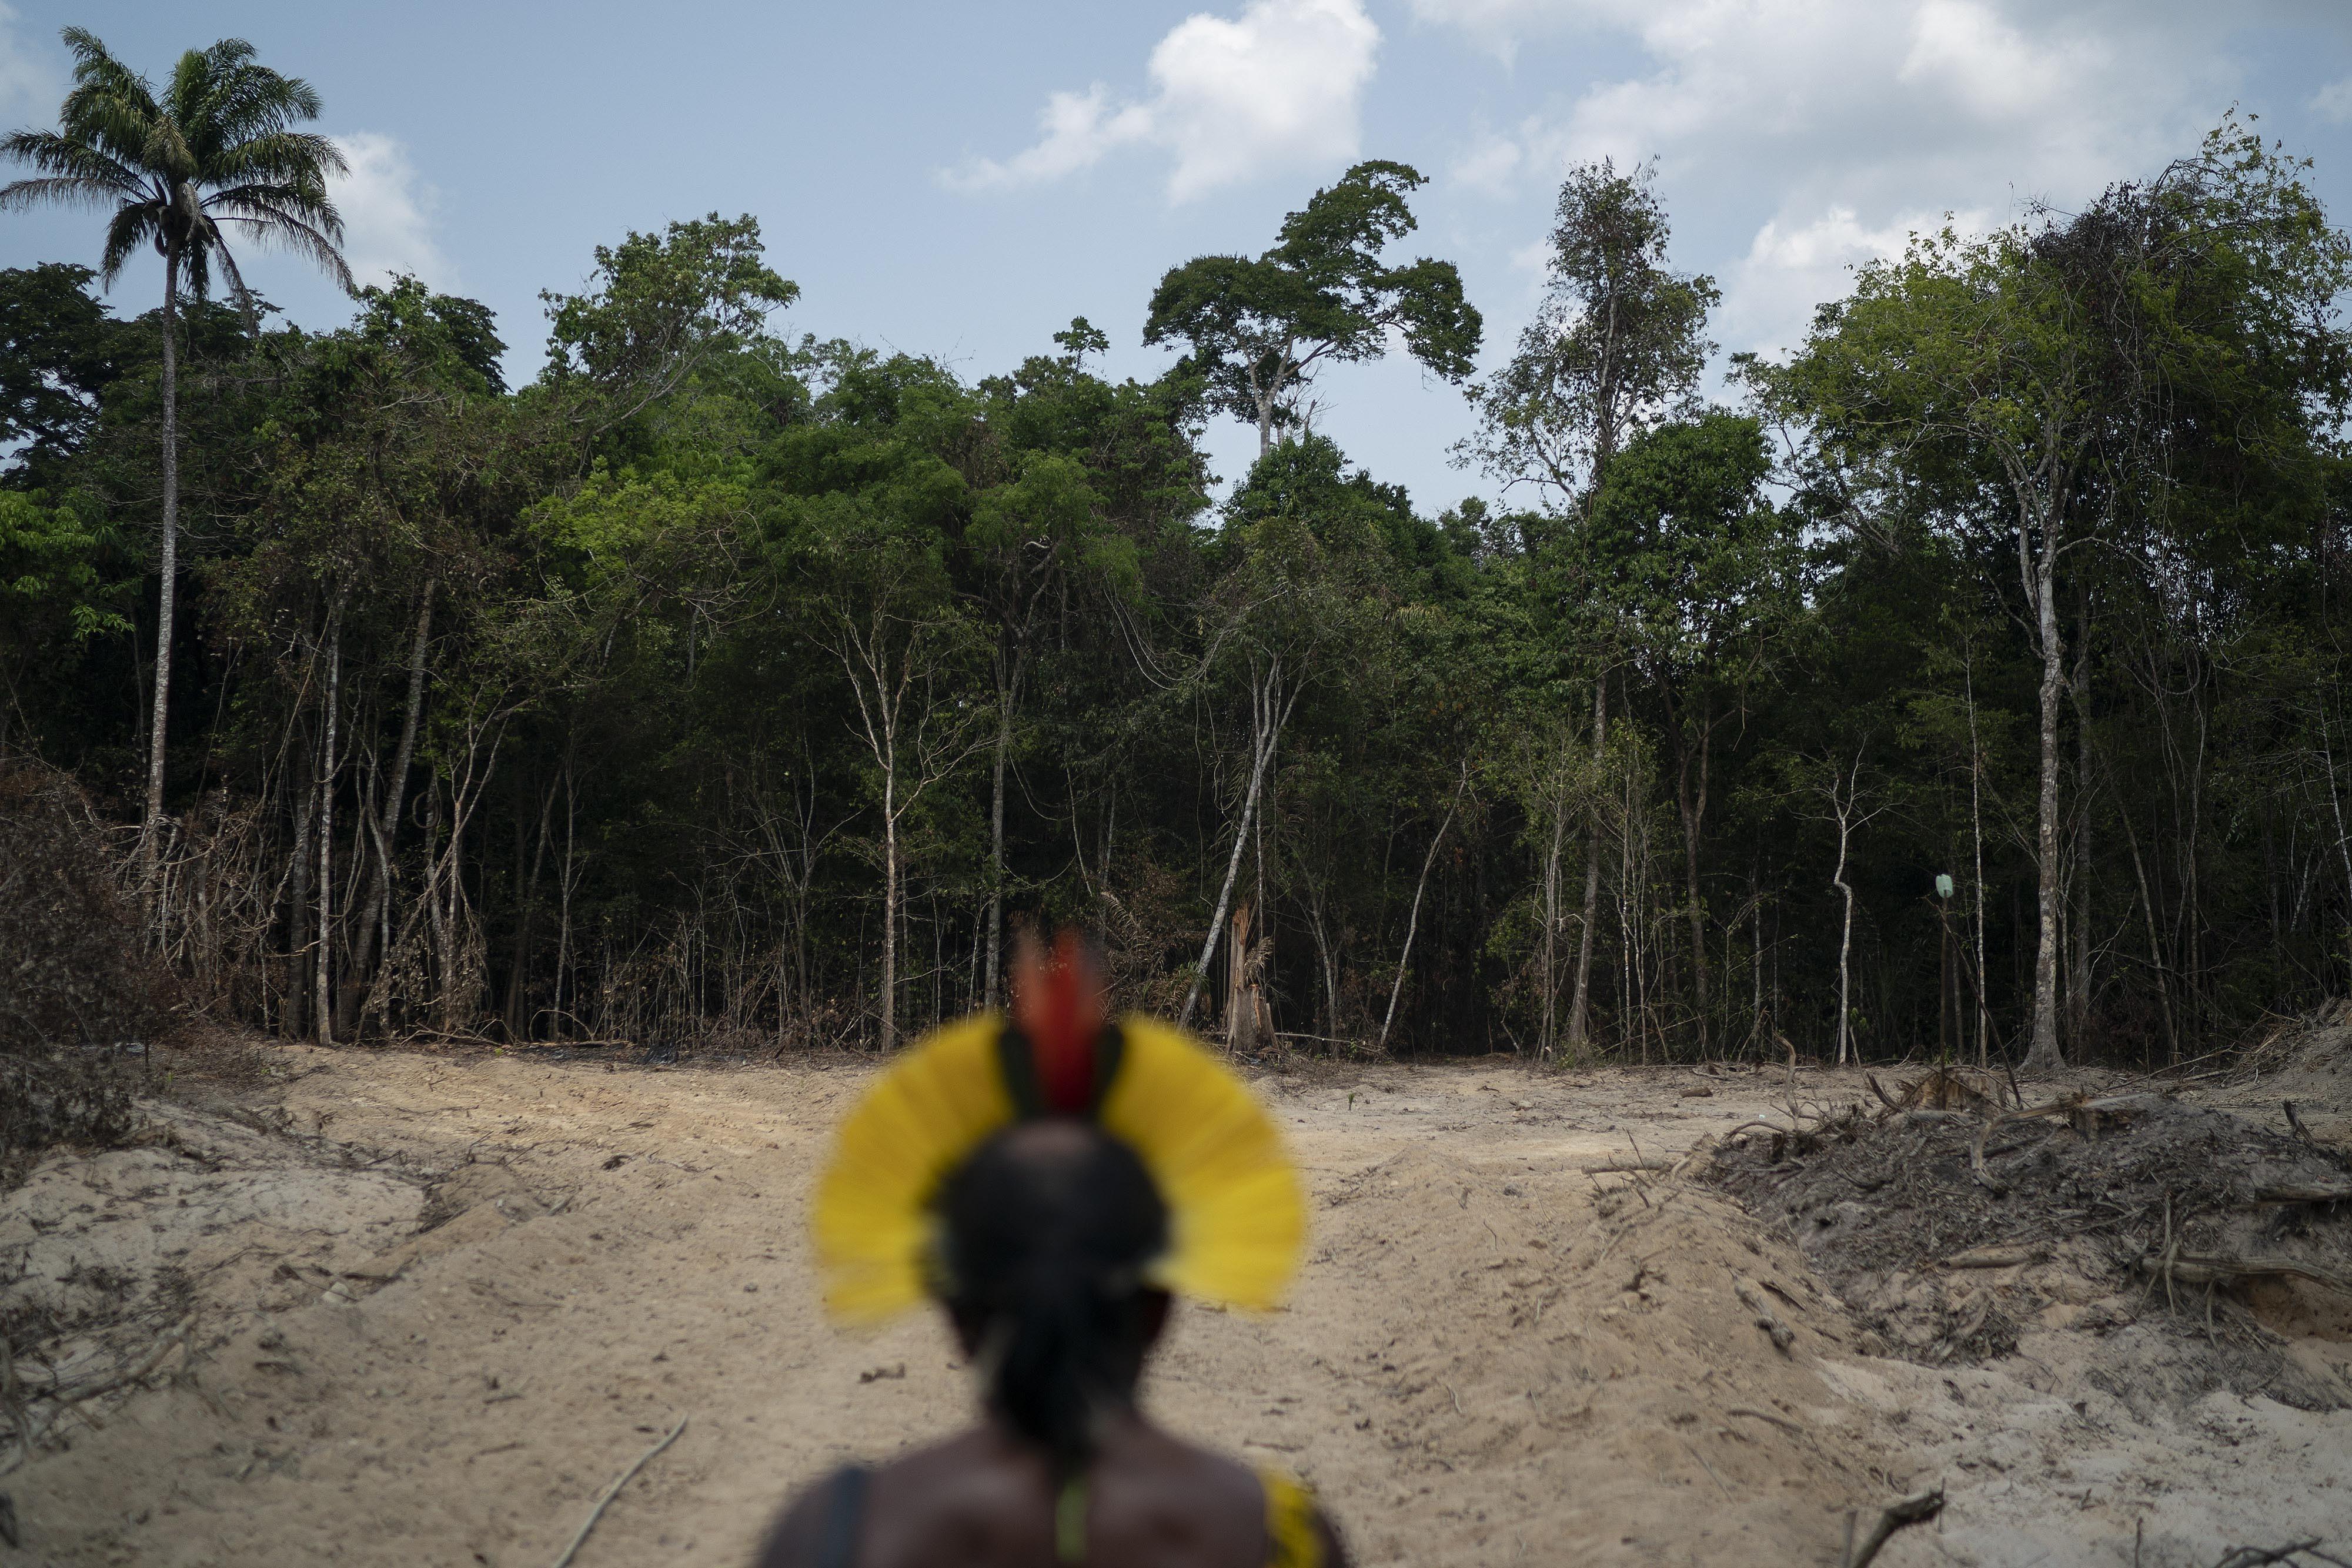 La Amazonia en negociación: Bolsonaro pide 10.000 millones de dólares al año para frenar su destrucción